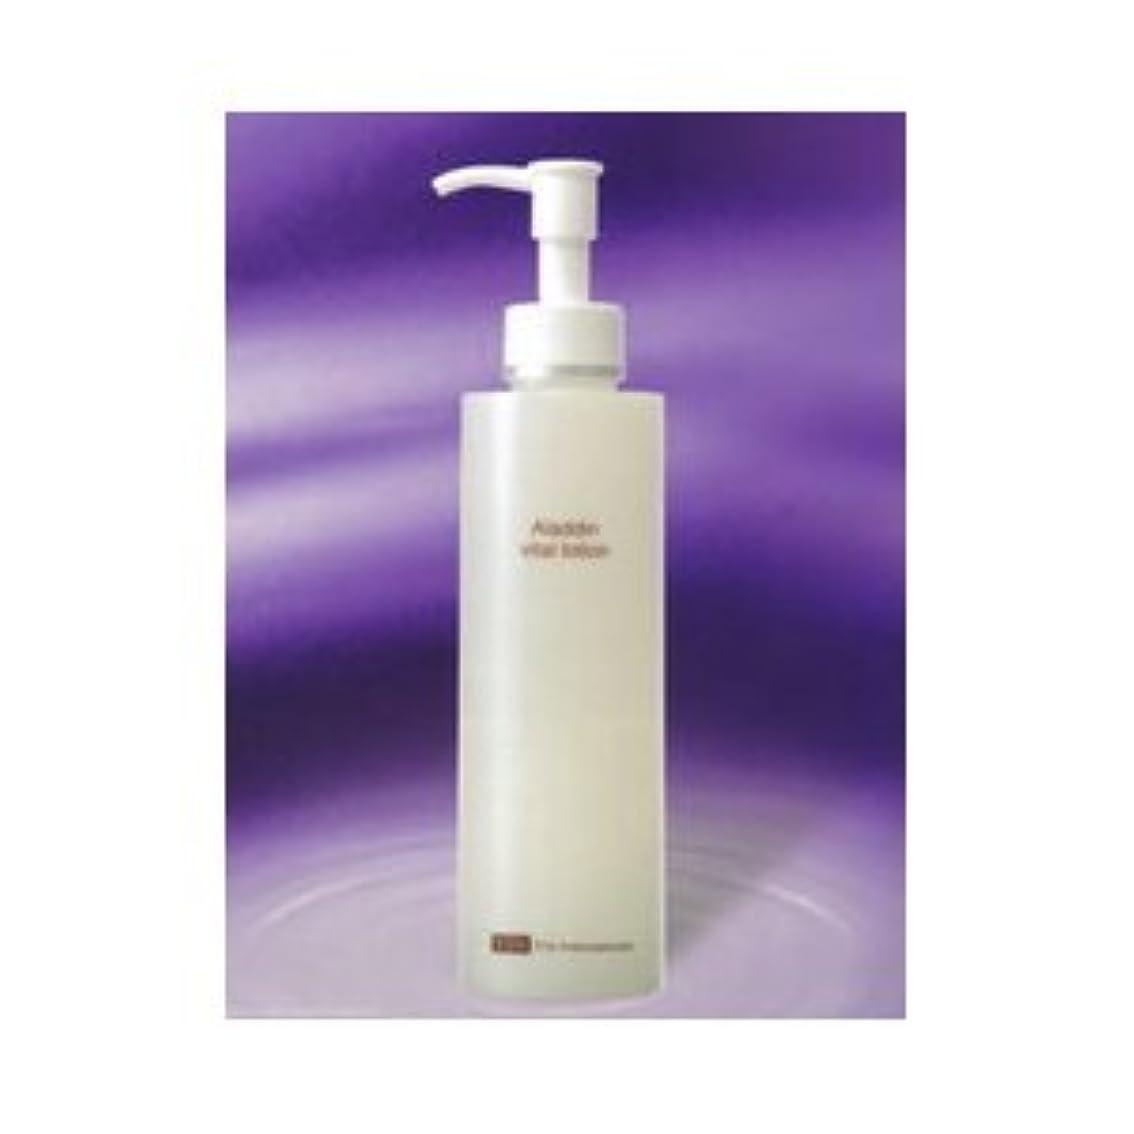 結紮若い四面体イオニート バイタルローション 保湿化粧水 200ml アラジンシリーズ